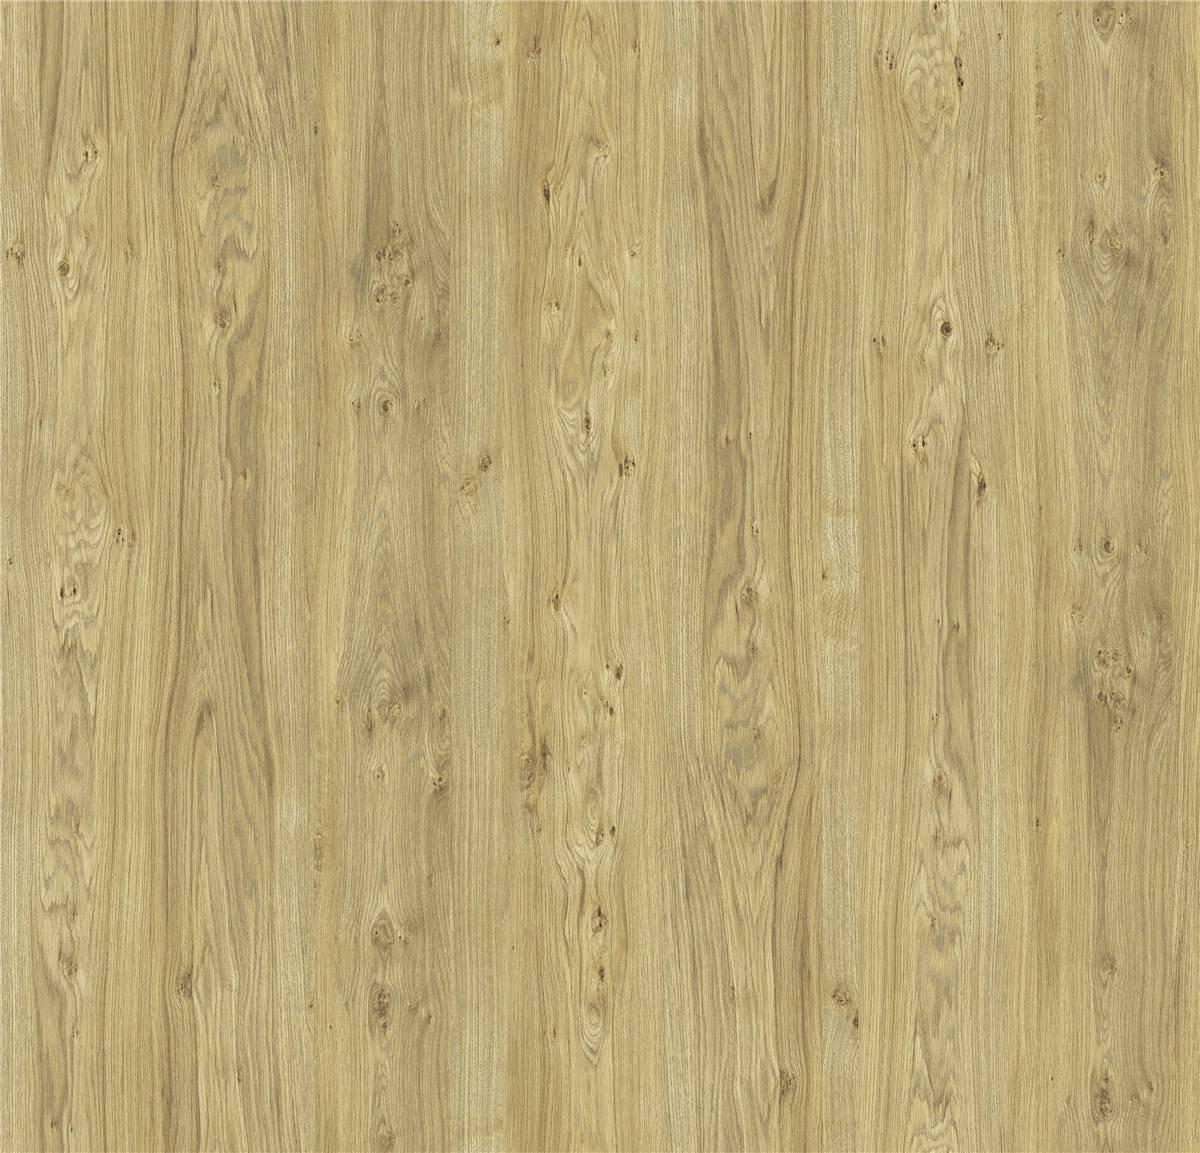 ID-7035-02 Vineyard Oak